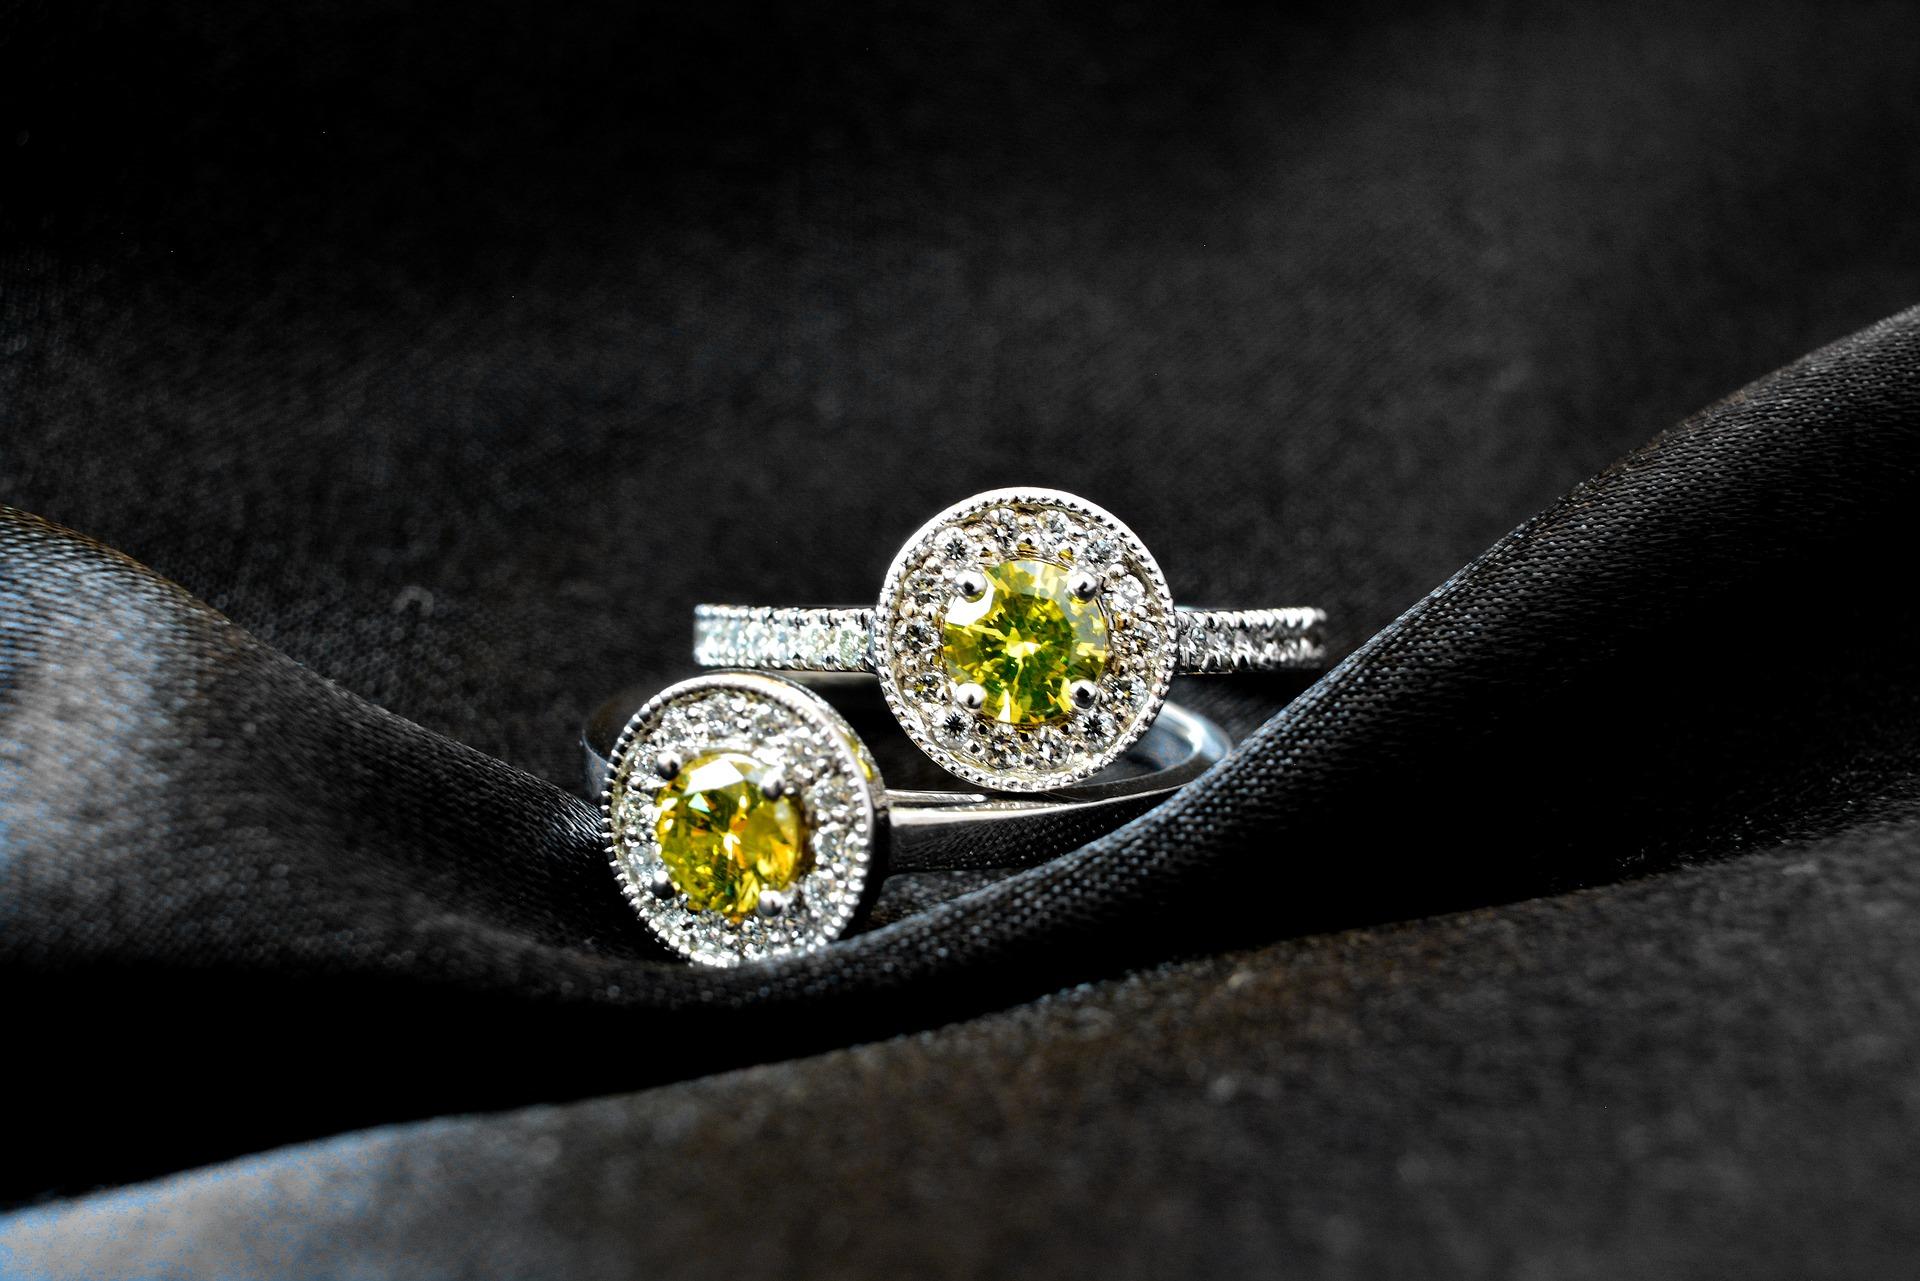 diamond-4040801_1920.jpg